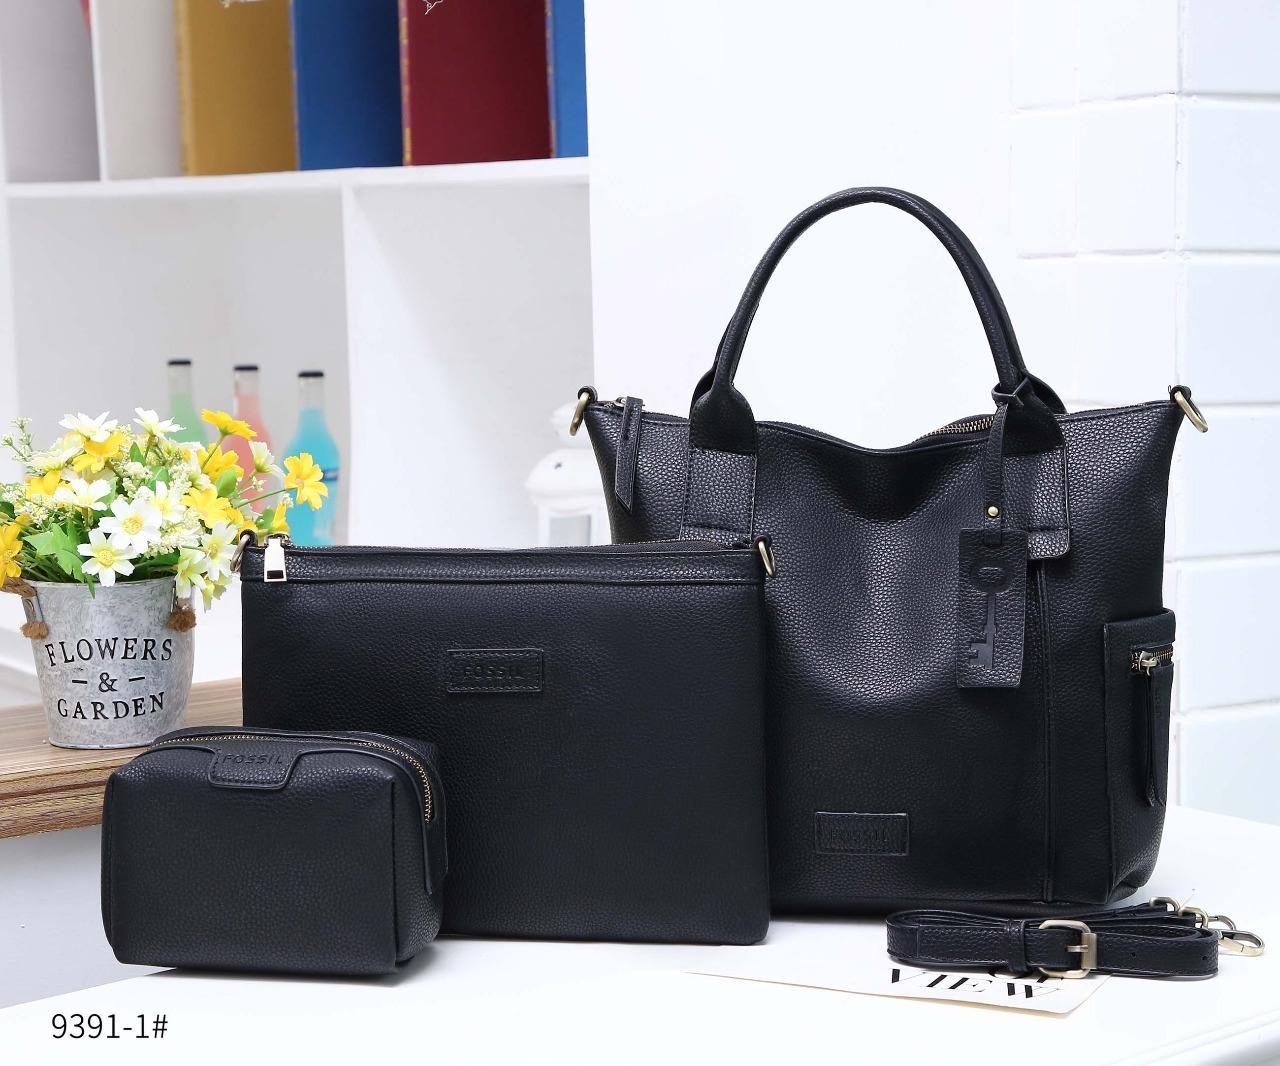 Tas wanita fossil slingbag mewah branded import new arrival batam murah  selempang cewek fashion elegan pesta 5a36df7c15